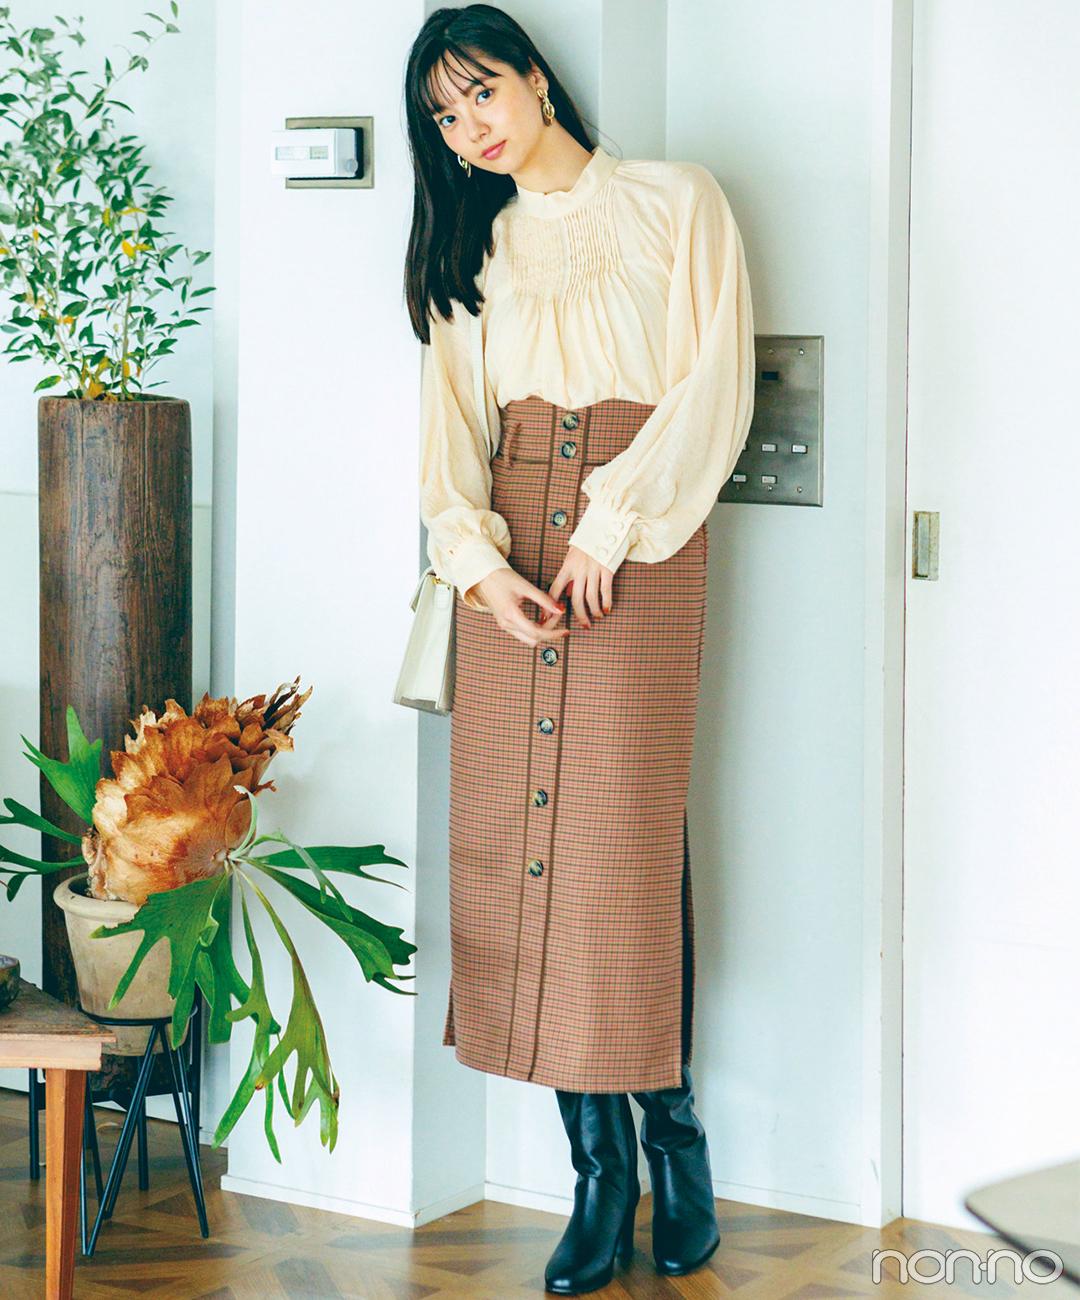 新川優愛はフェミニンブラウスとIラインスカートで美人見え確実!【毎日コーデ】